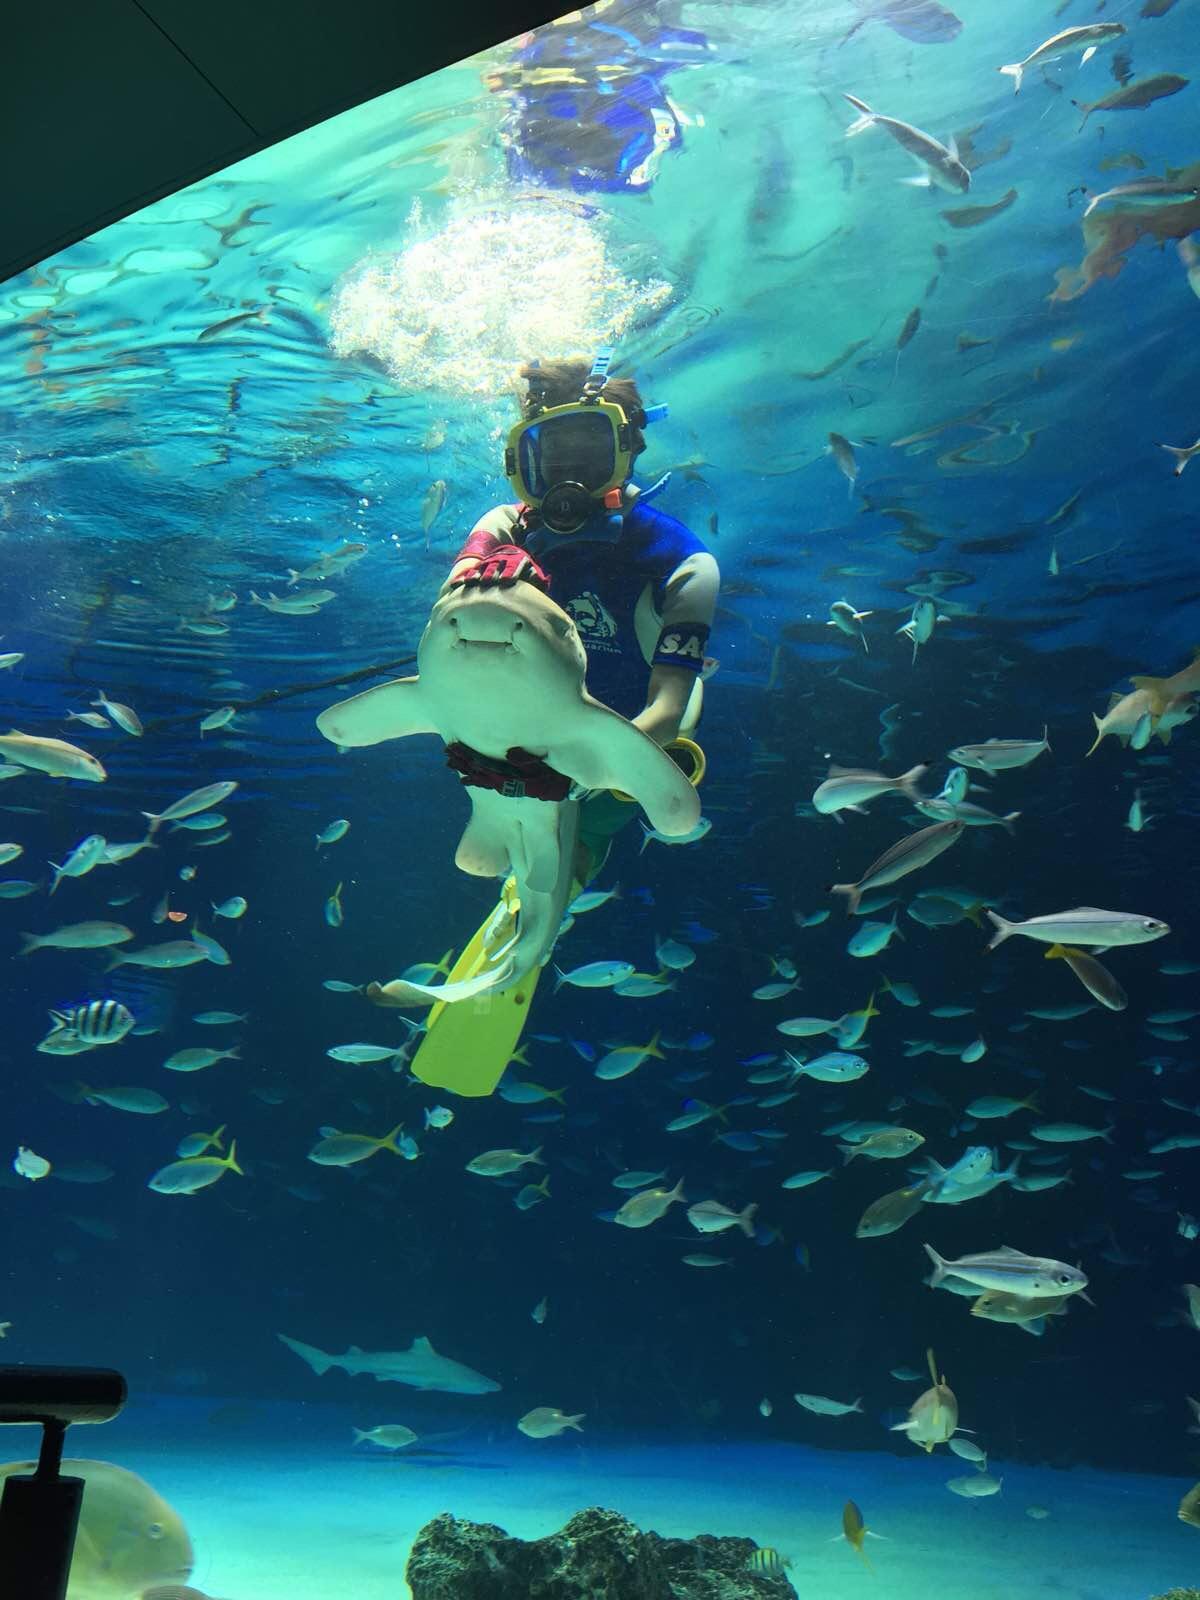 壁纸 海底 海底世界 海洋馆 水族馆 1200_1600 竖版 竖屏 手机